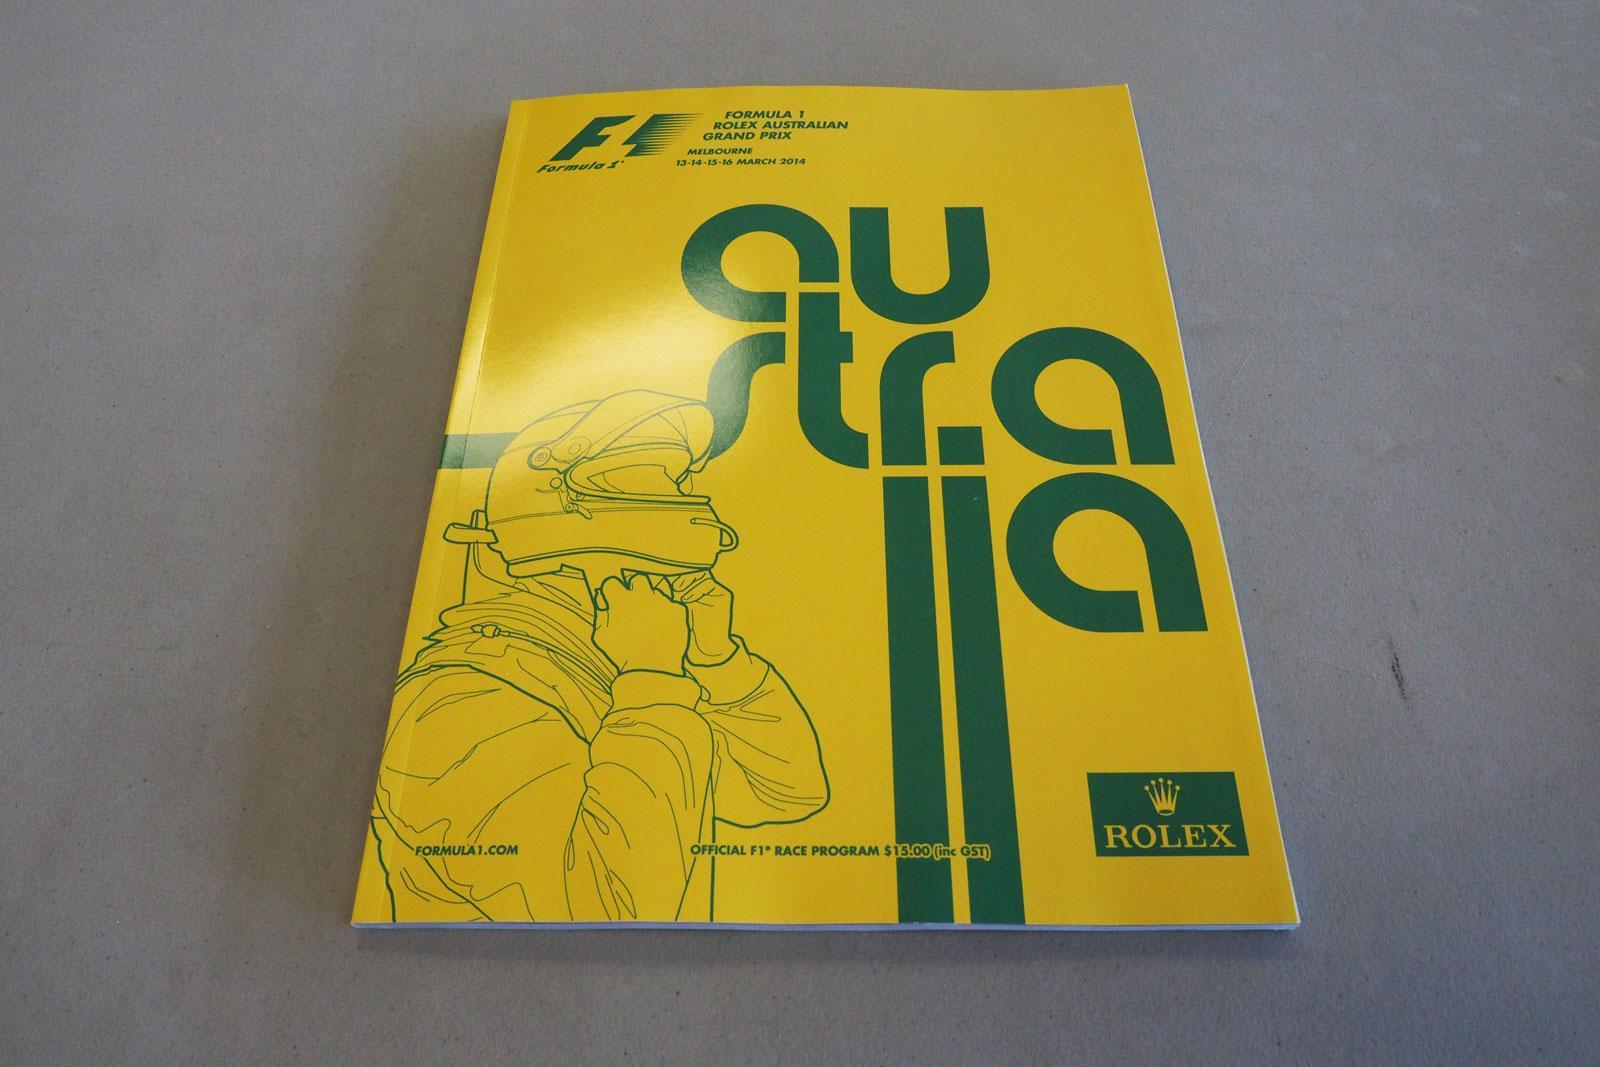 【限定販売】2014年オーストラリアGPオフィシャルプログラム